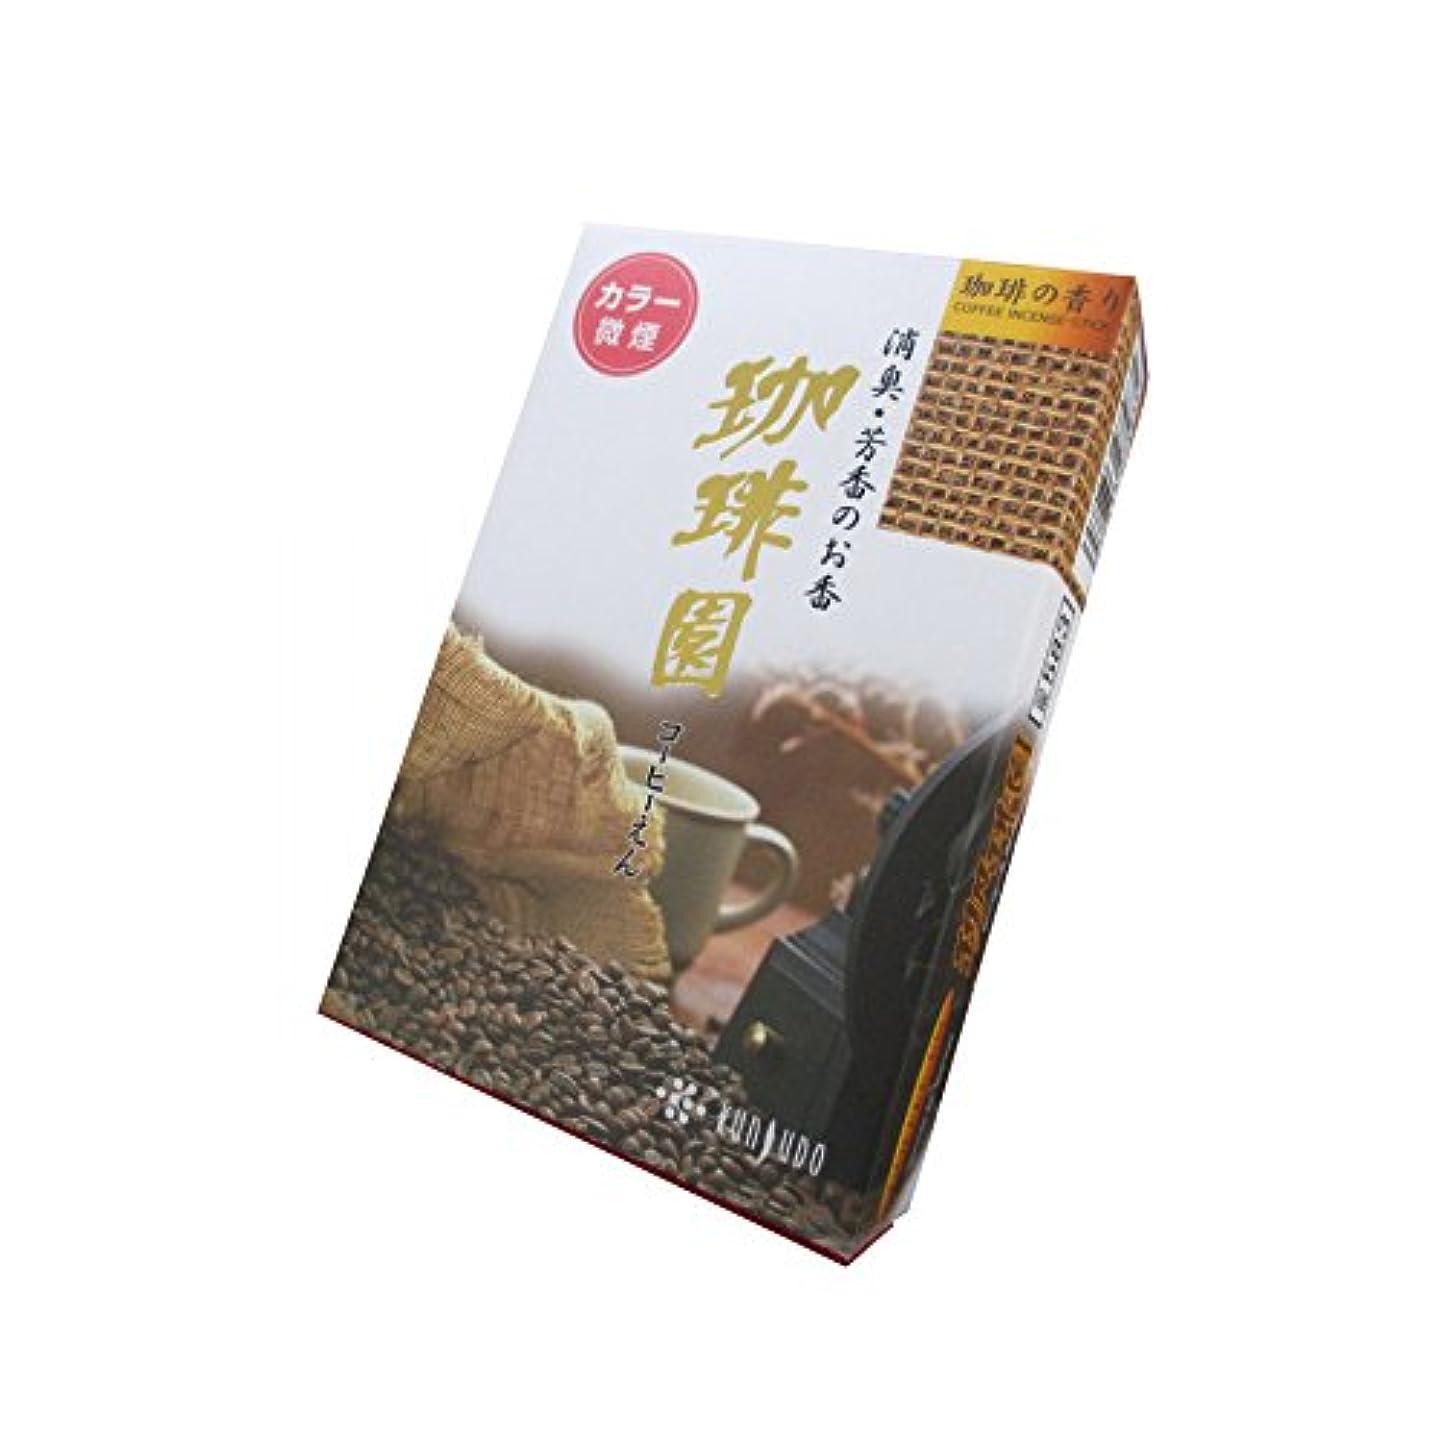 デコードする本を読むアンビエント薫寿堂のお線香 珈琲園 微煙 ミニ寸 #583